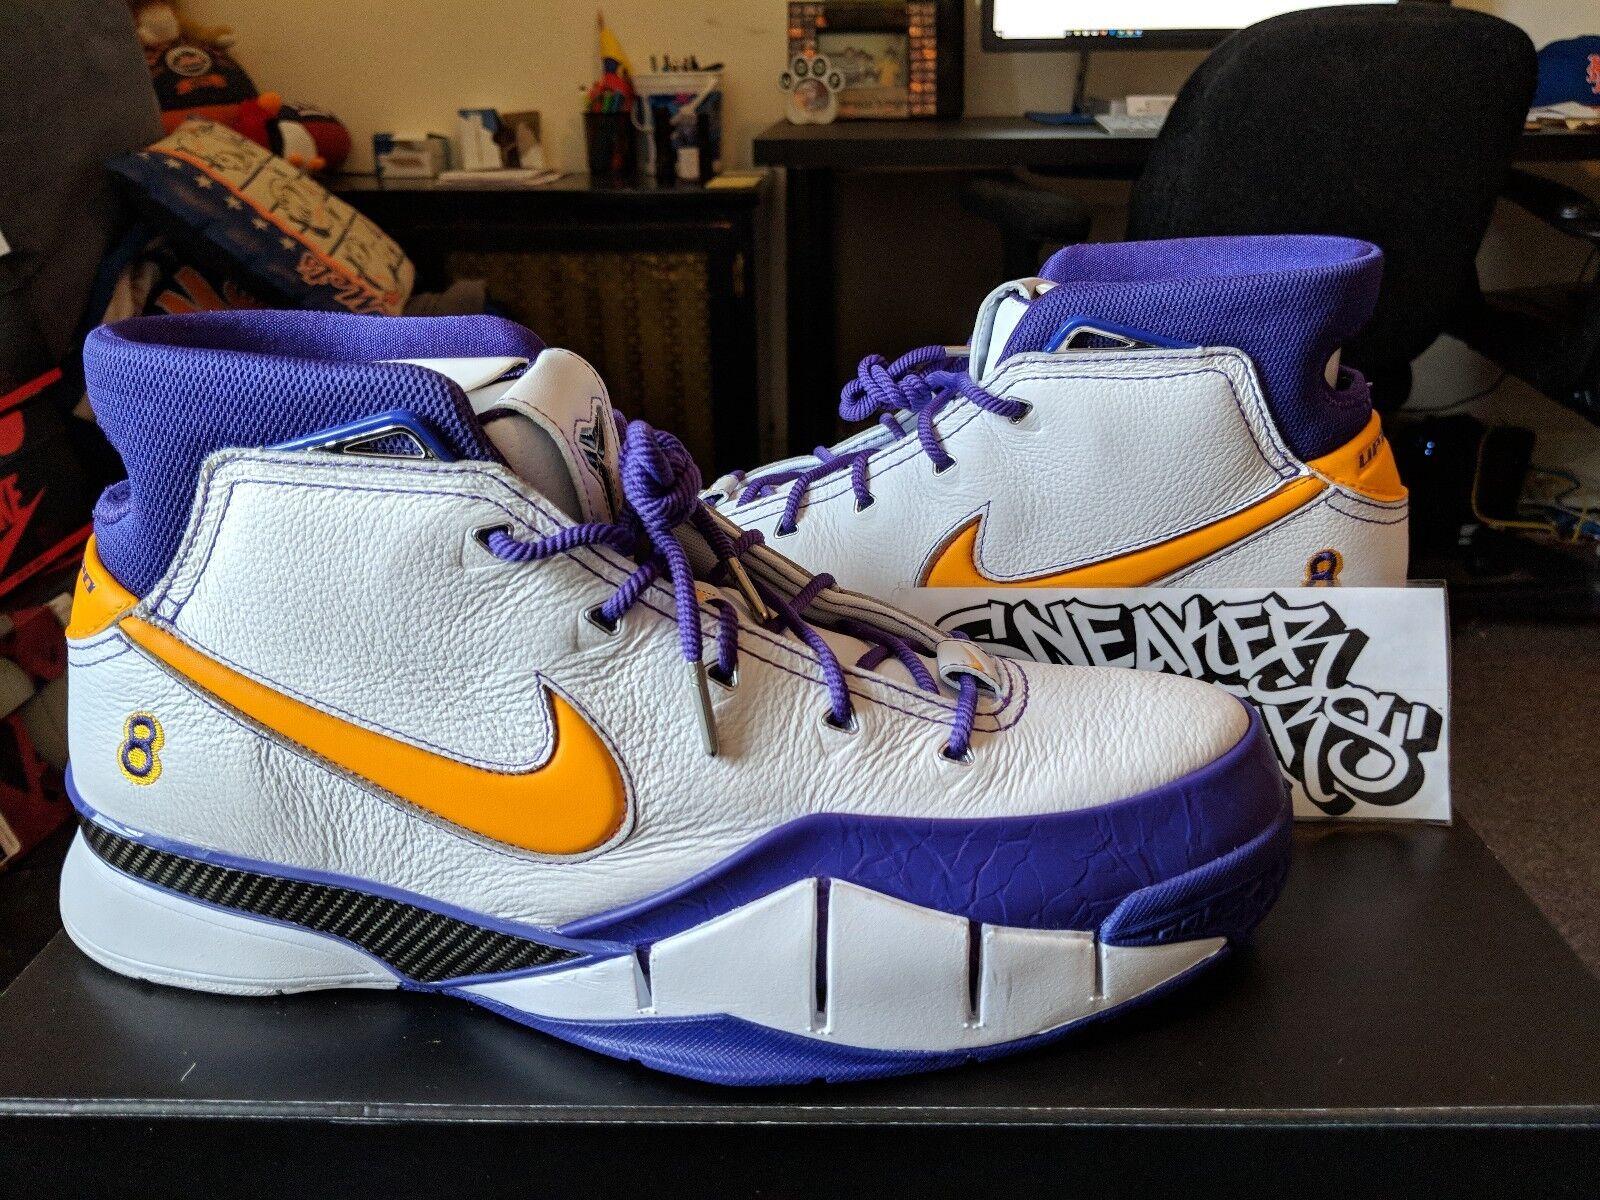 Nike Kobe 1 I protro creo del sol blanco creo protro que 16 cerrar segundos finales aq2728-101 marca de descuento f06845